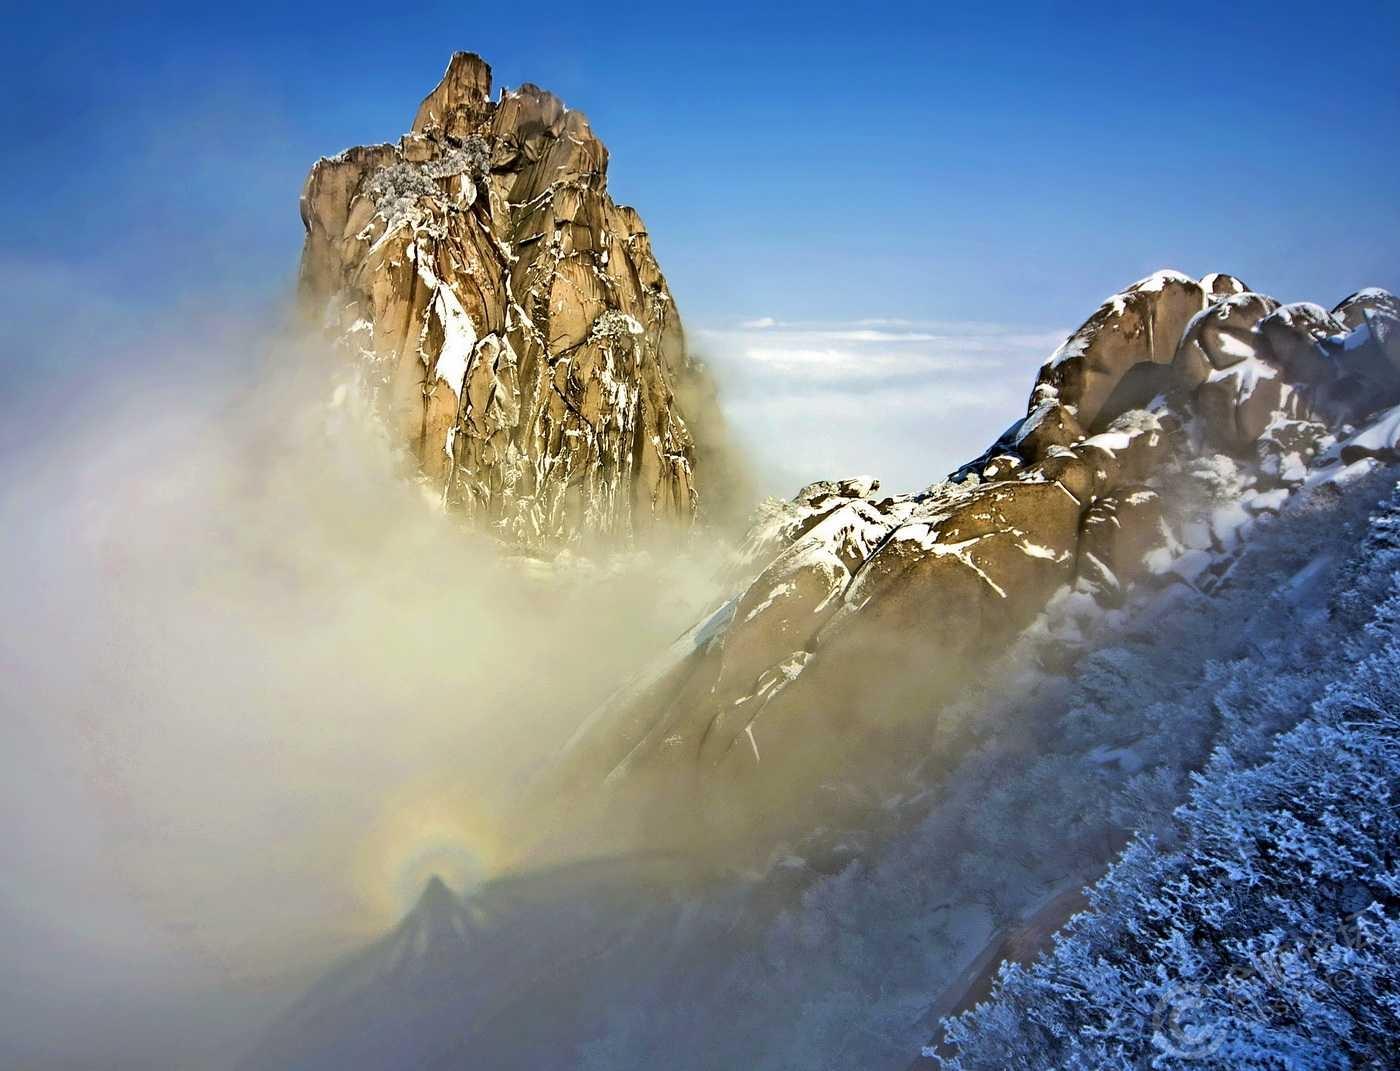 天柱山在哪_哪座山最有可能是神话里的不周山? - 知乎